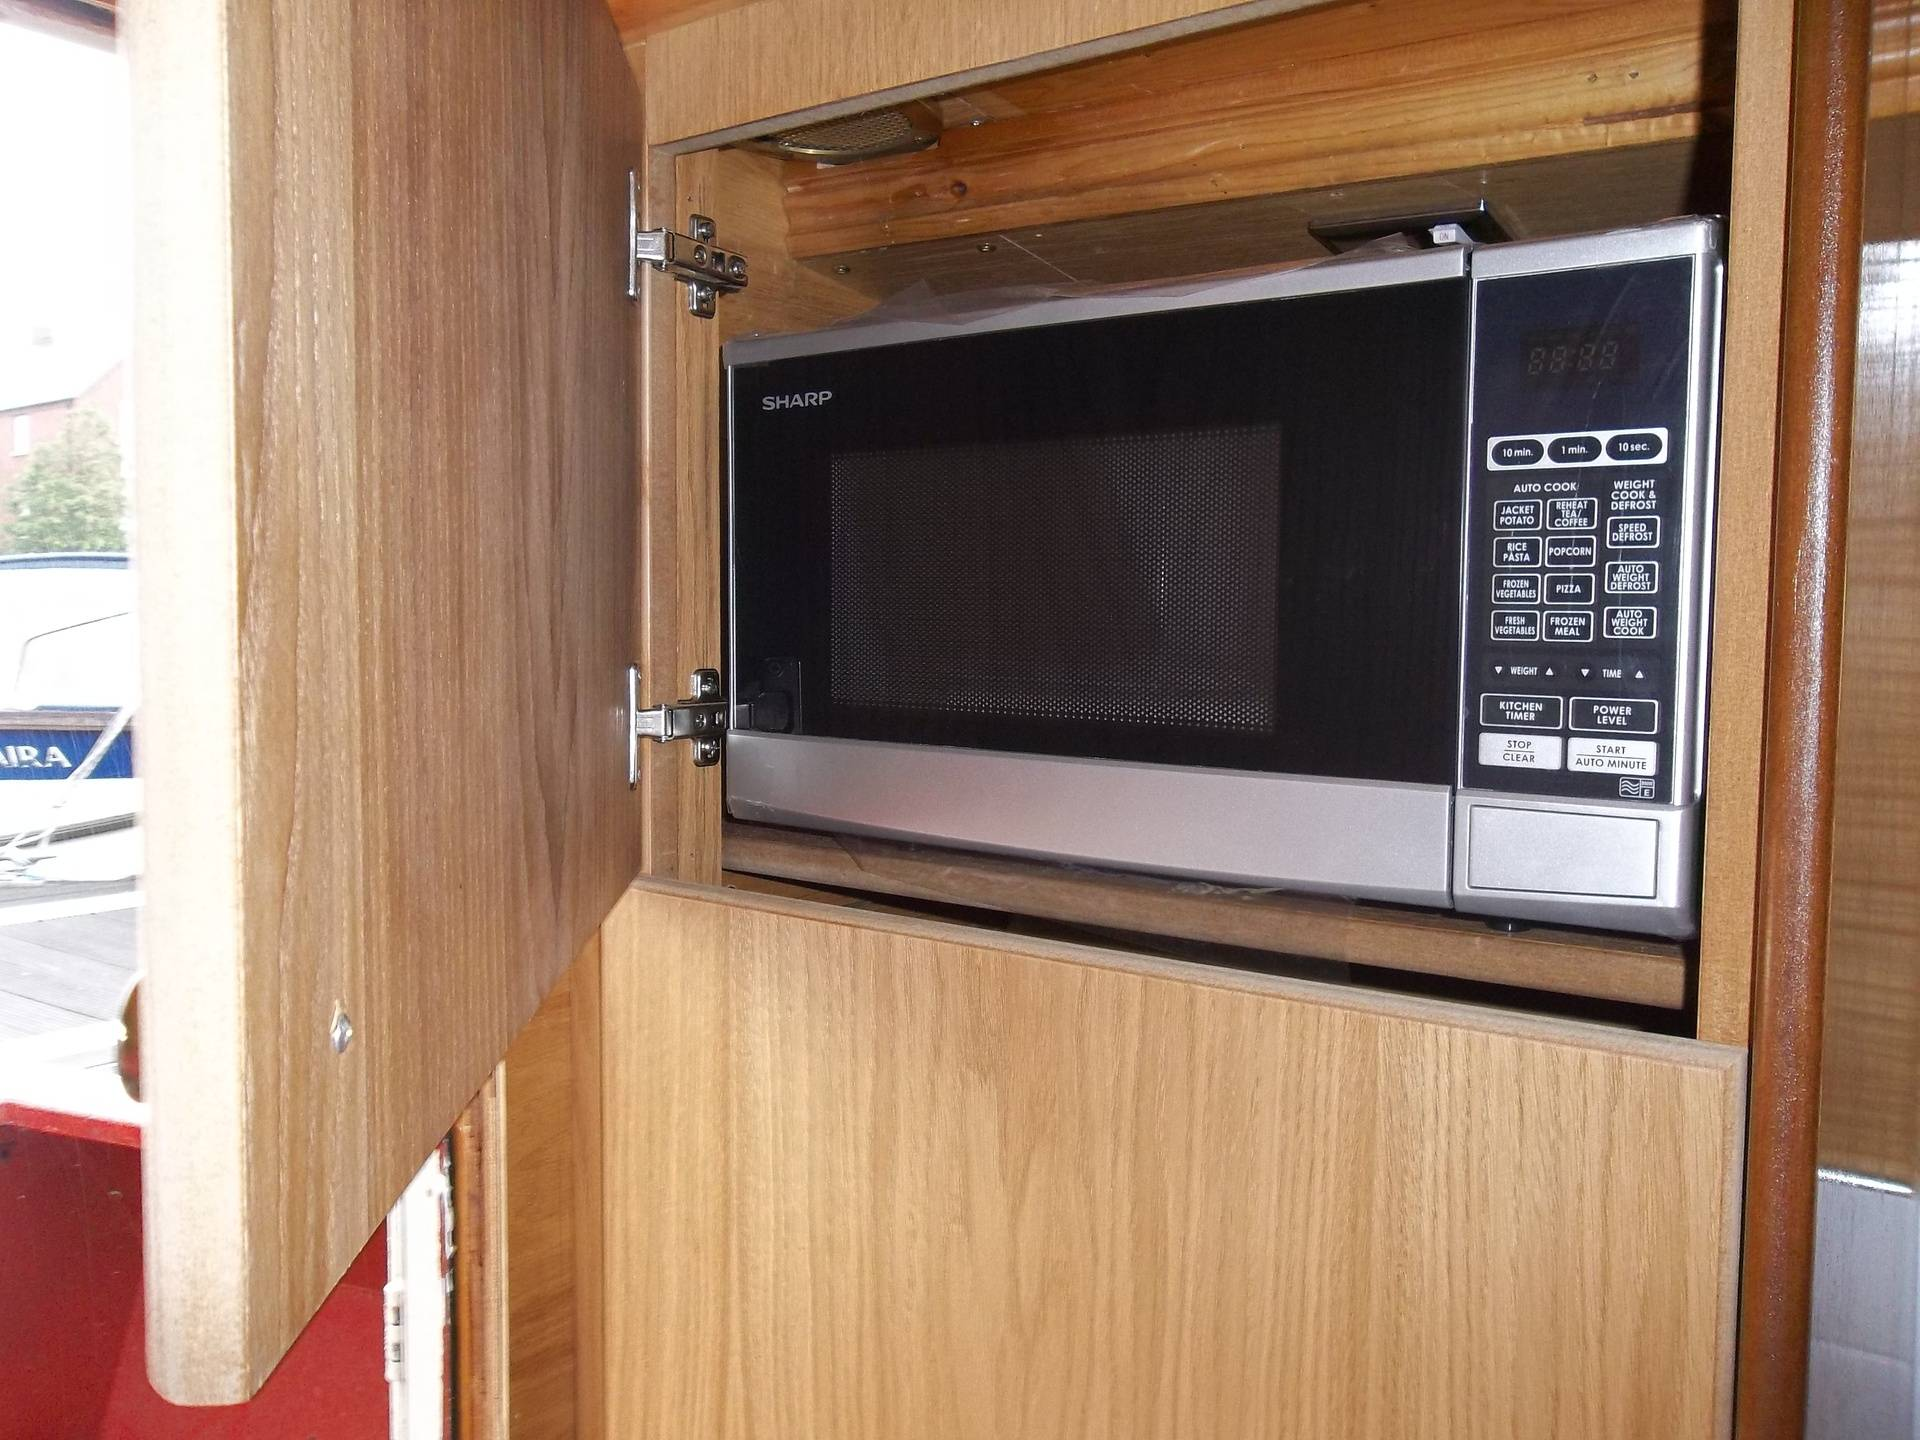 Built in Microwave